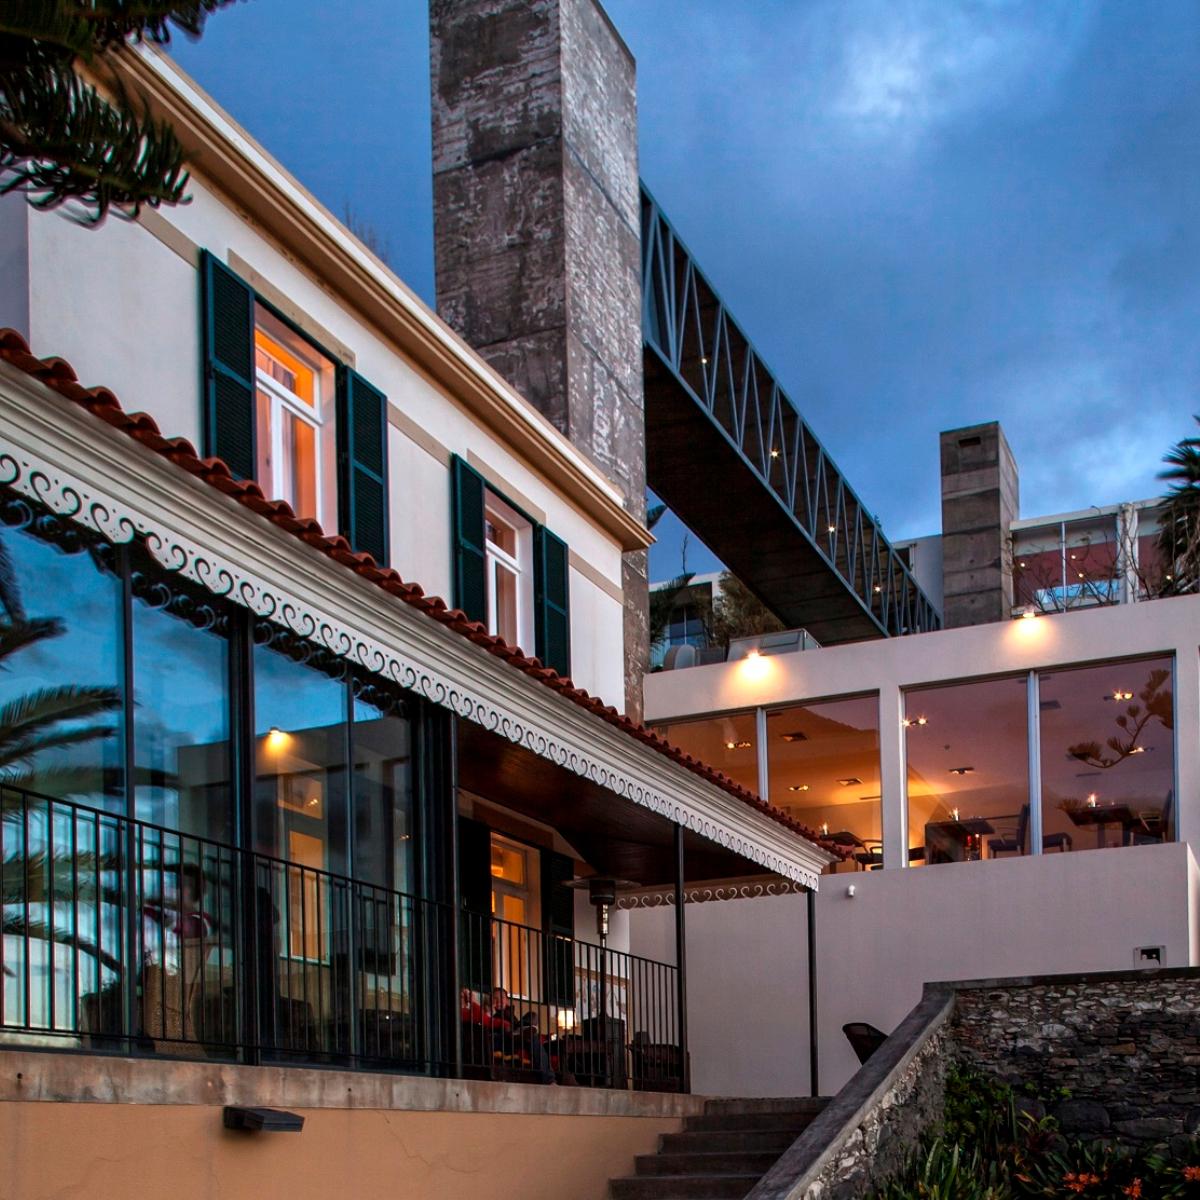 Ponta do sol auf Madeira (3)